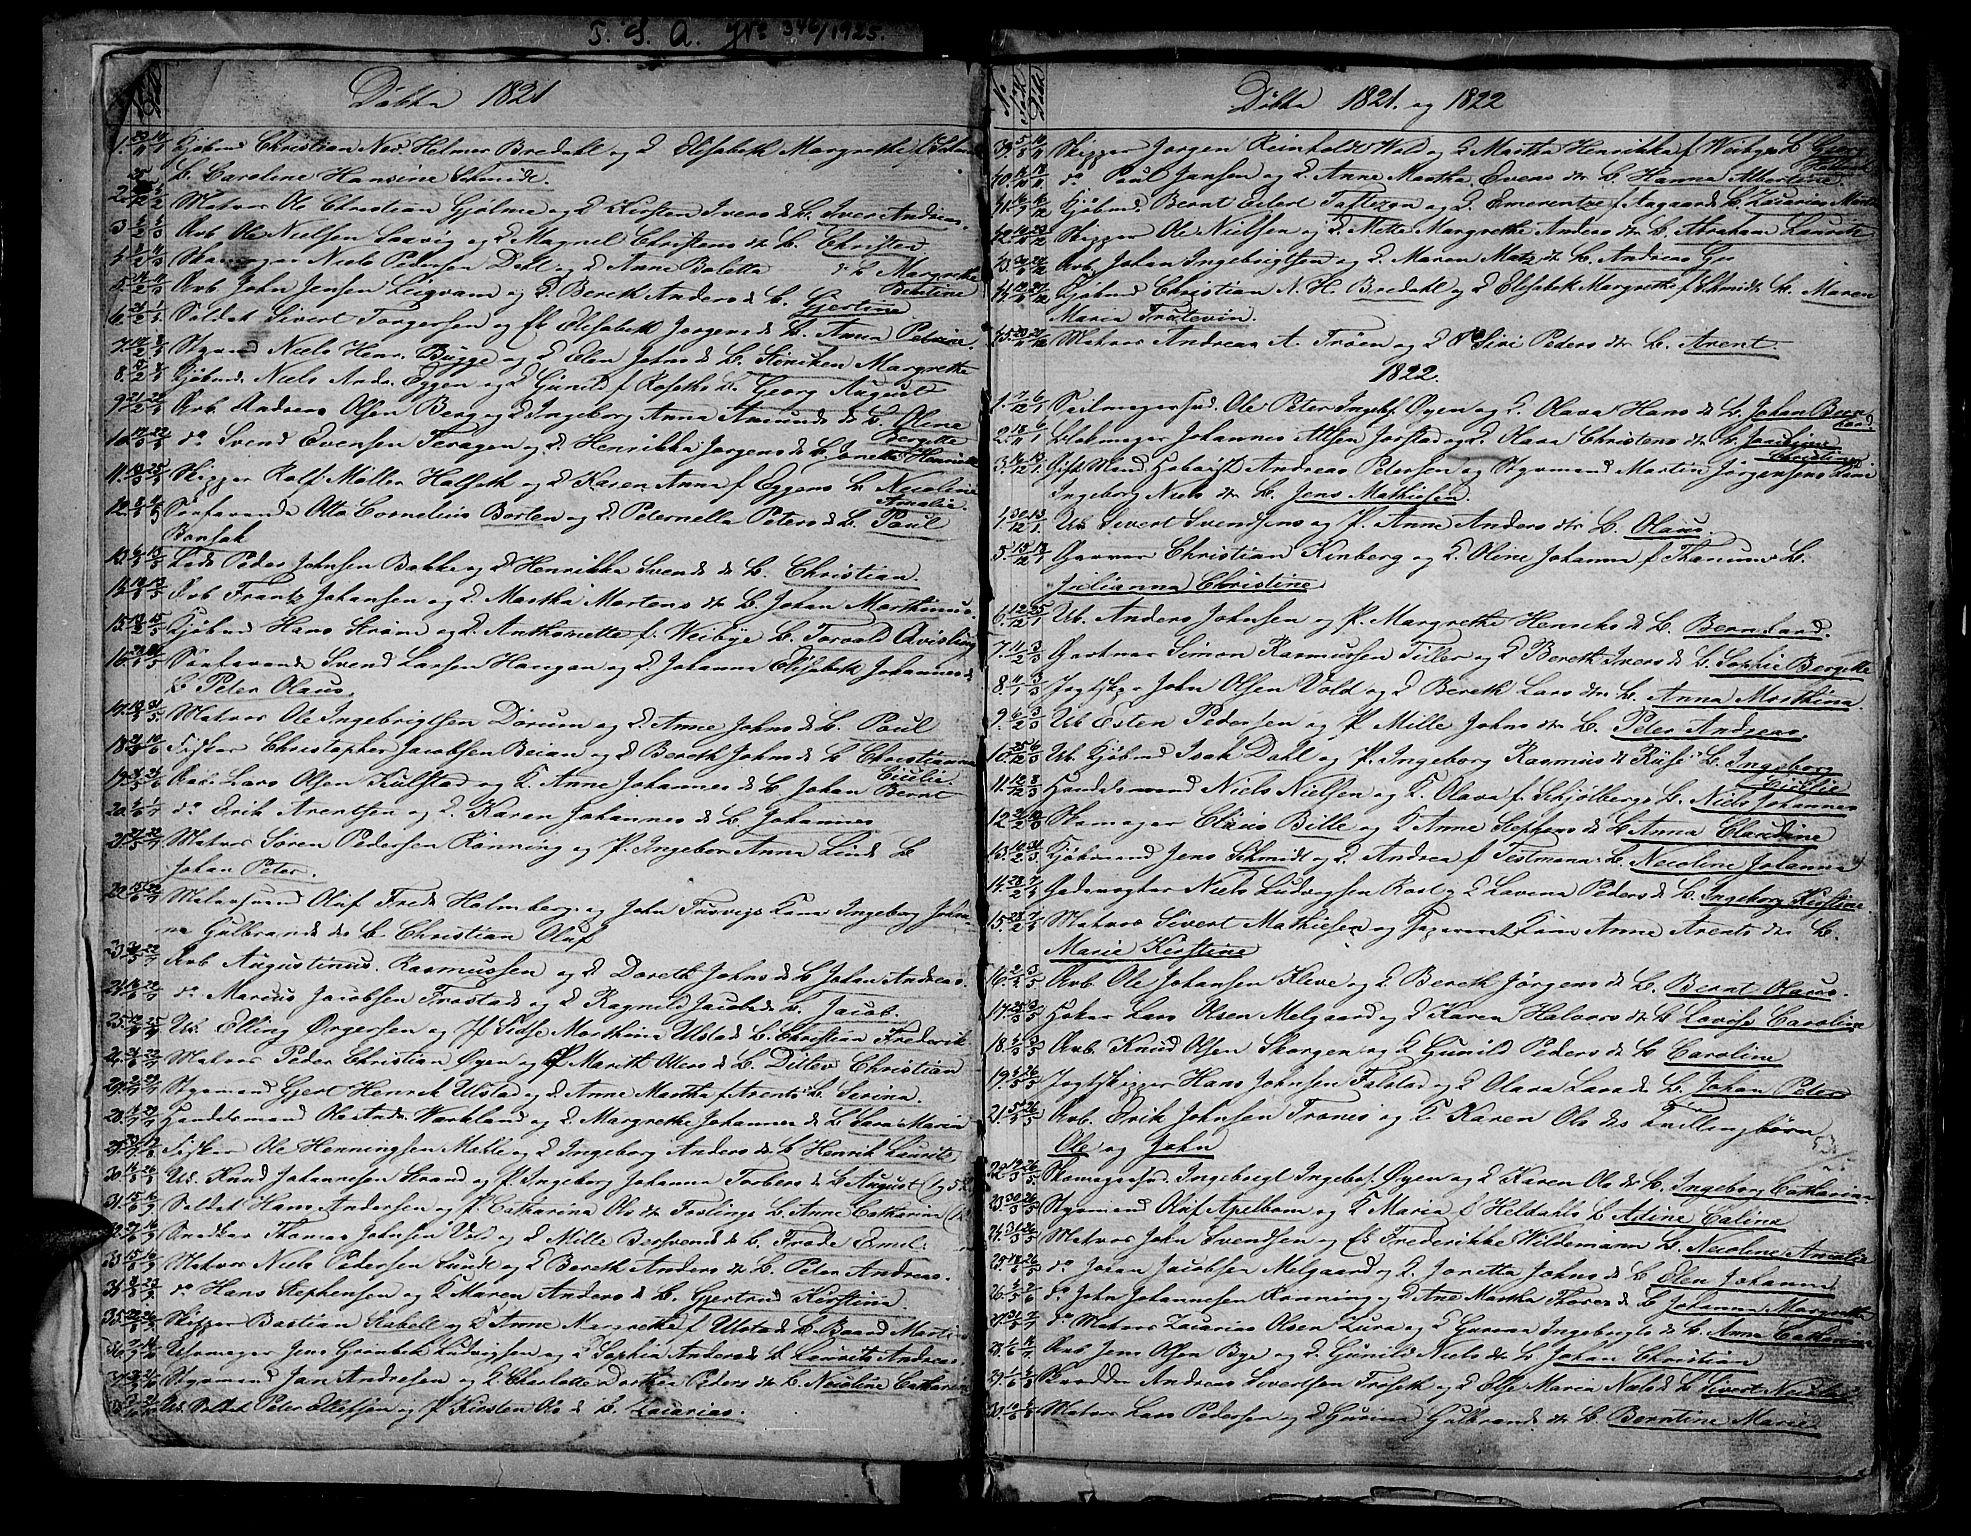 SAT, Ministerialprotokoller, klokkerbøker og fødselsregistre - Sør-Trøndelag, 604/L0182: Ministerialbok nr. 604A03, 1818-1850, s. 2